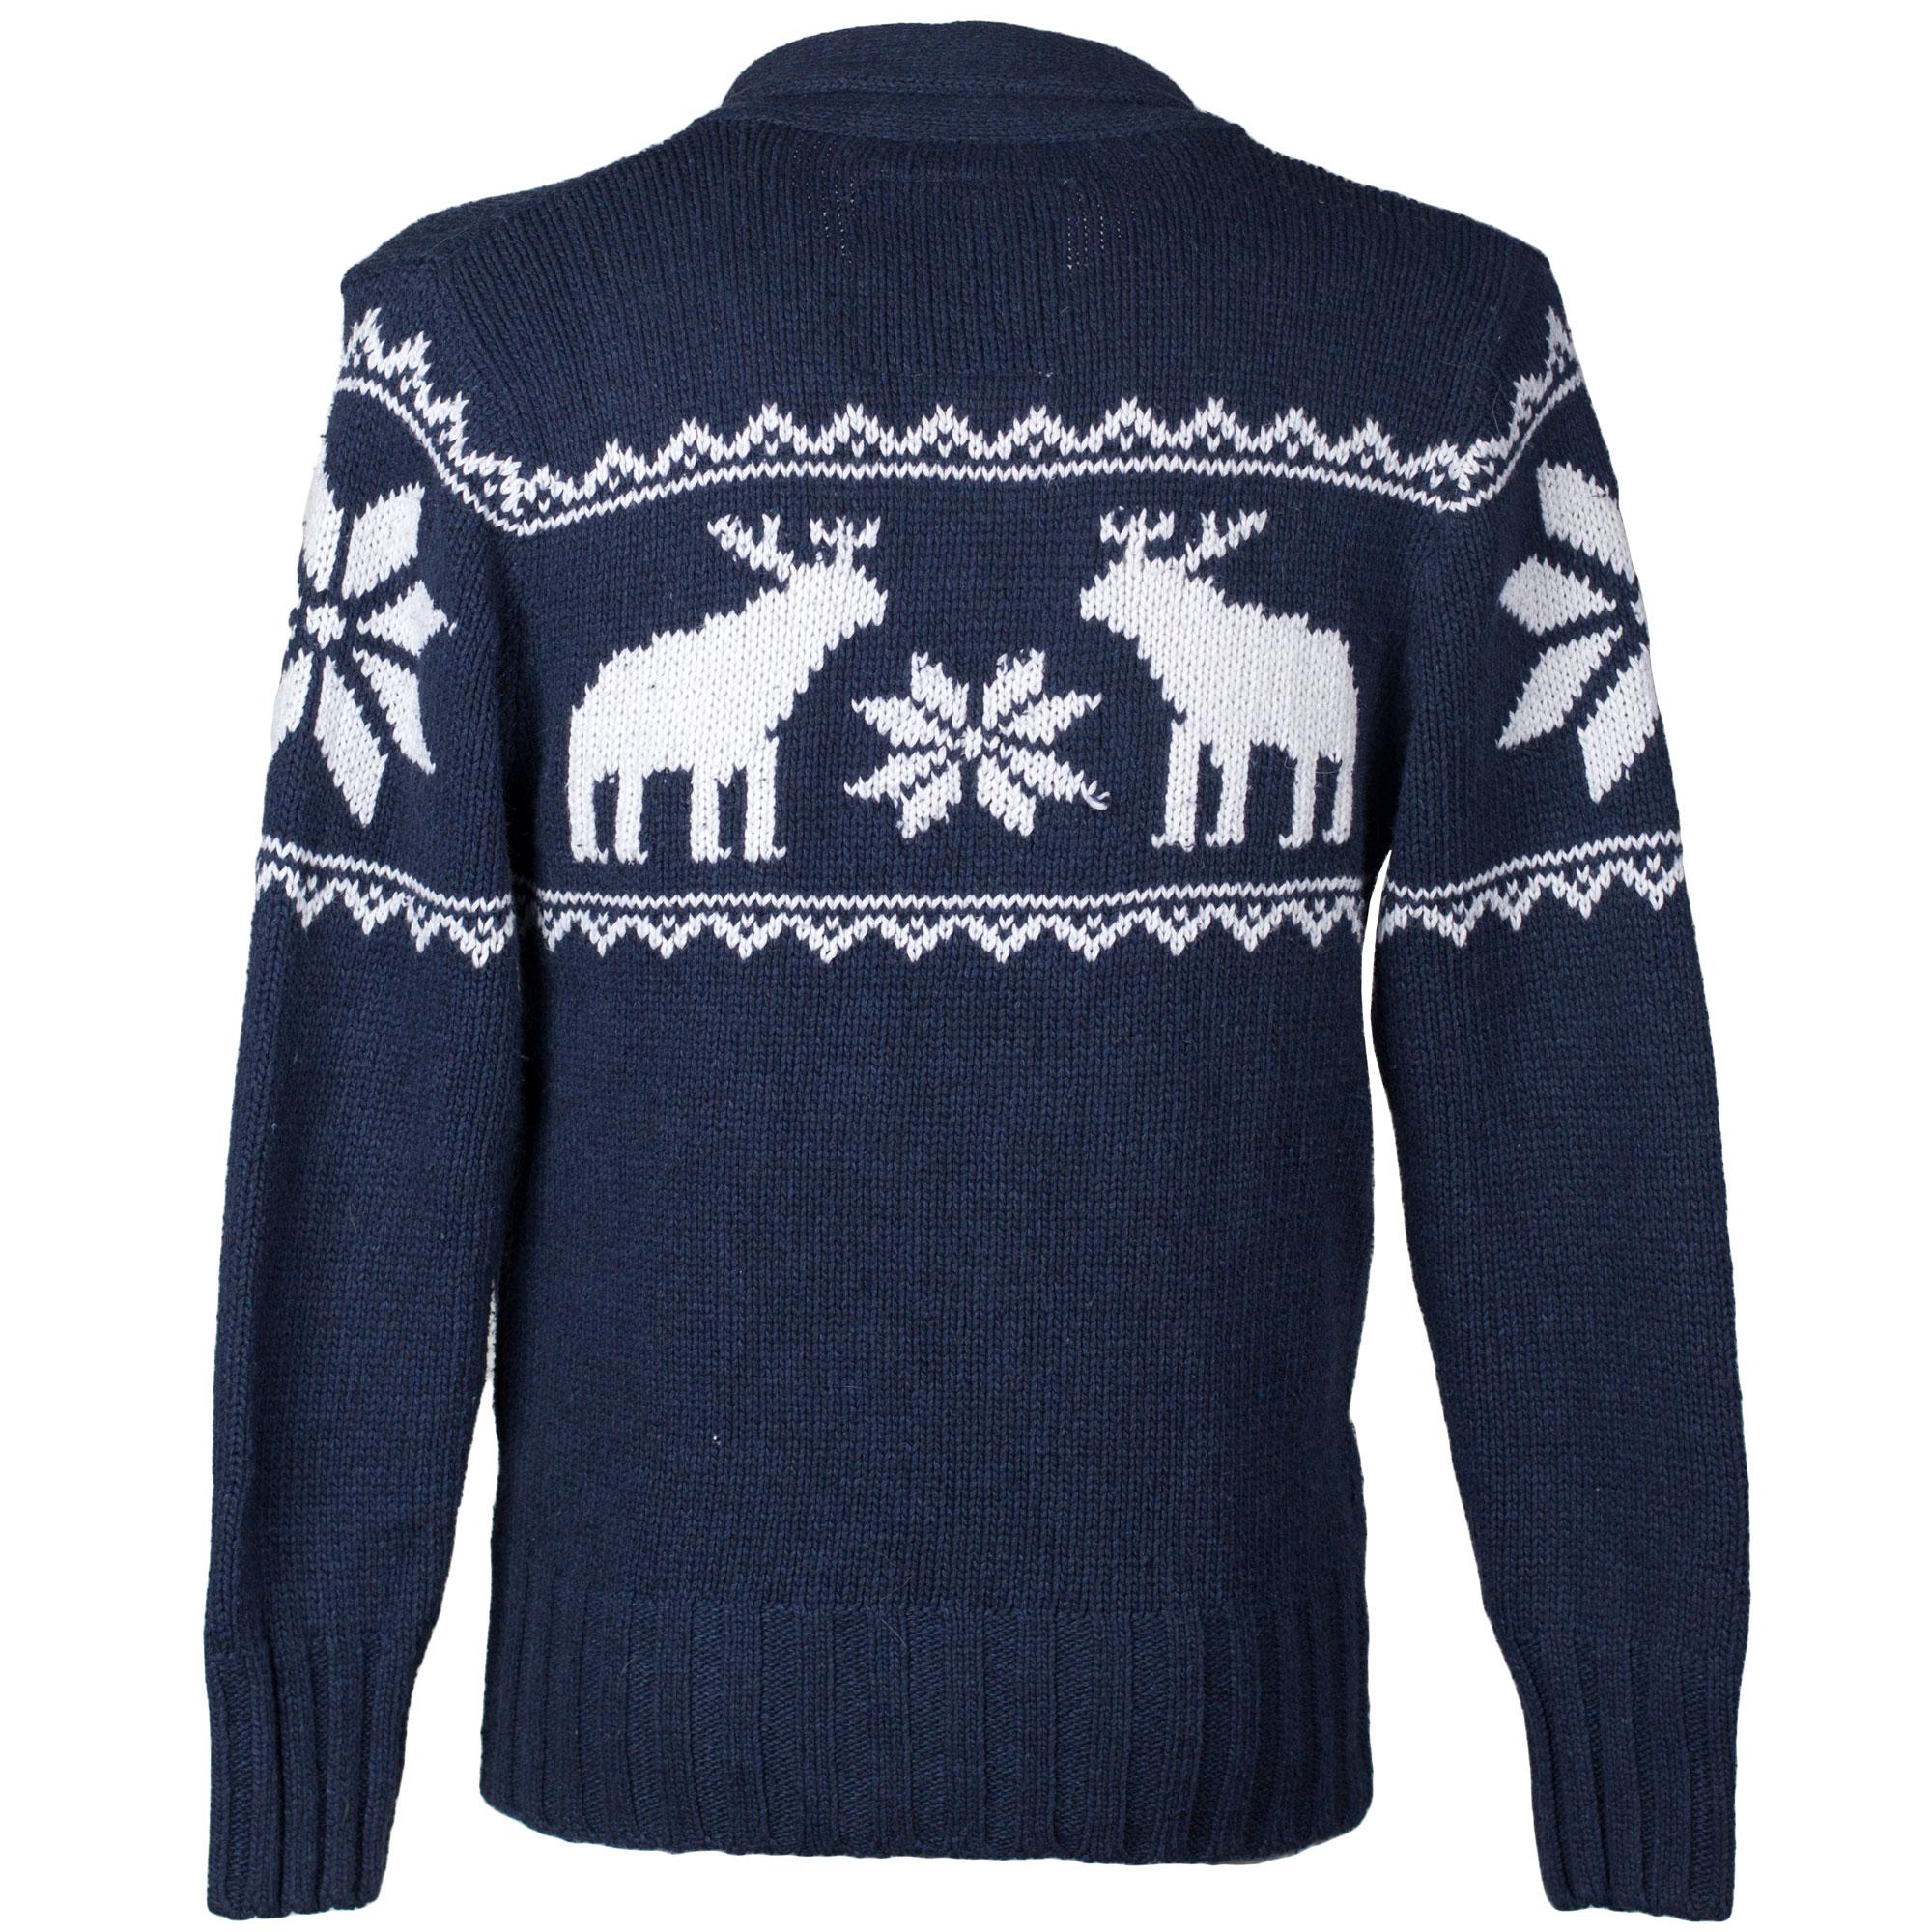 ec0ef0372d2 Купить мужской свитер с оленями Abercrombie Fitch — в Киеве